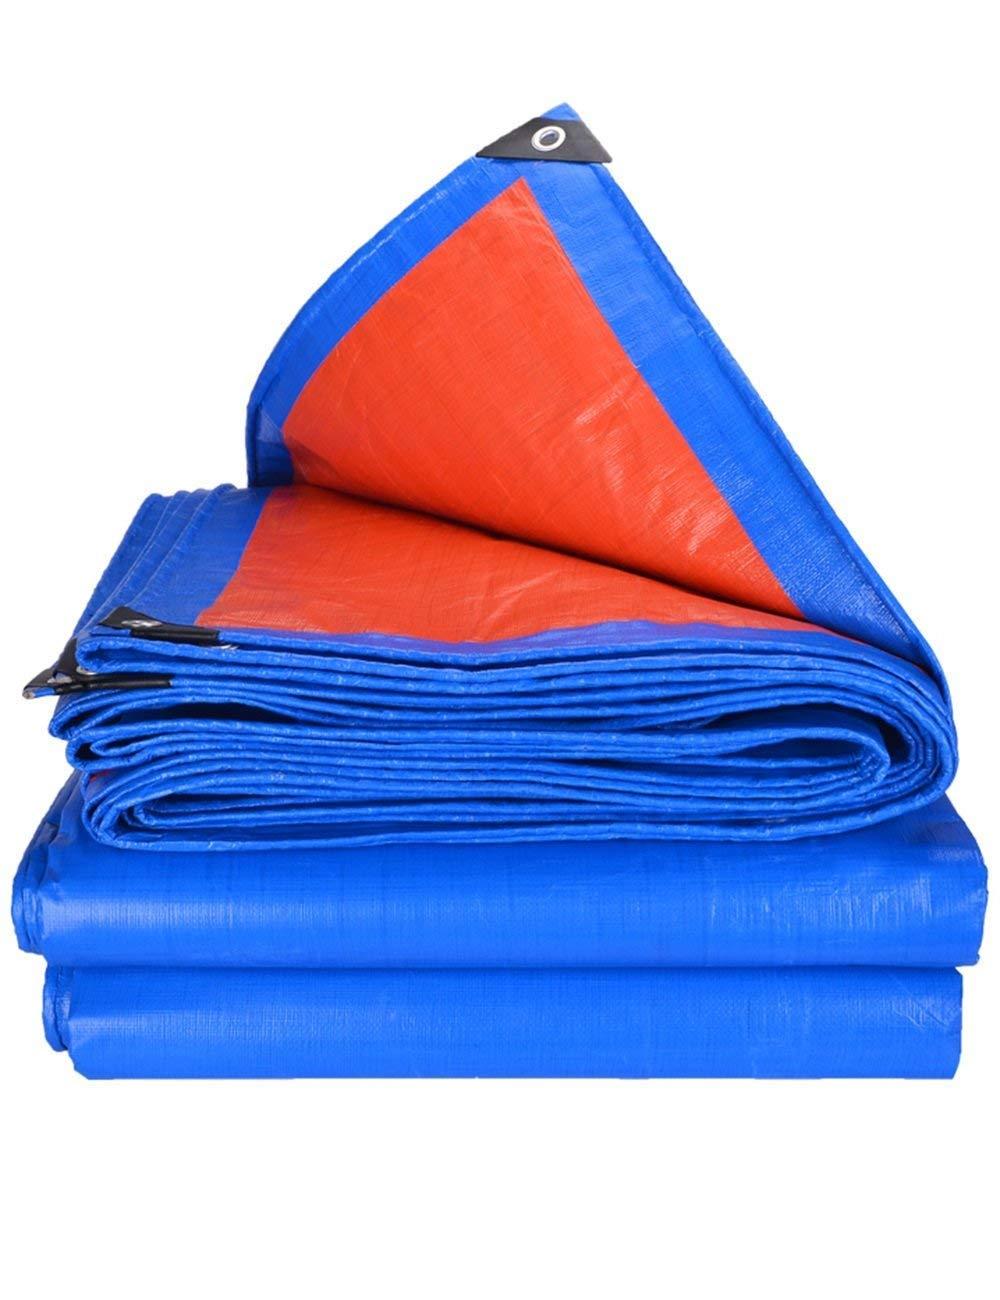 DLyng 青いオレンジのPEの保護ターポリン軽量タフのテントは、多くのサイズでキャンプ (Size : 5m*6m) 5m*6m  B07H1D9WM4